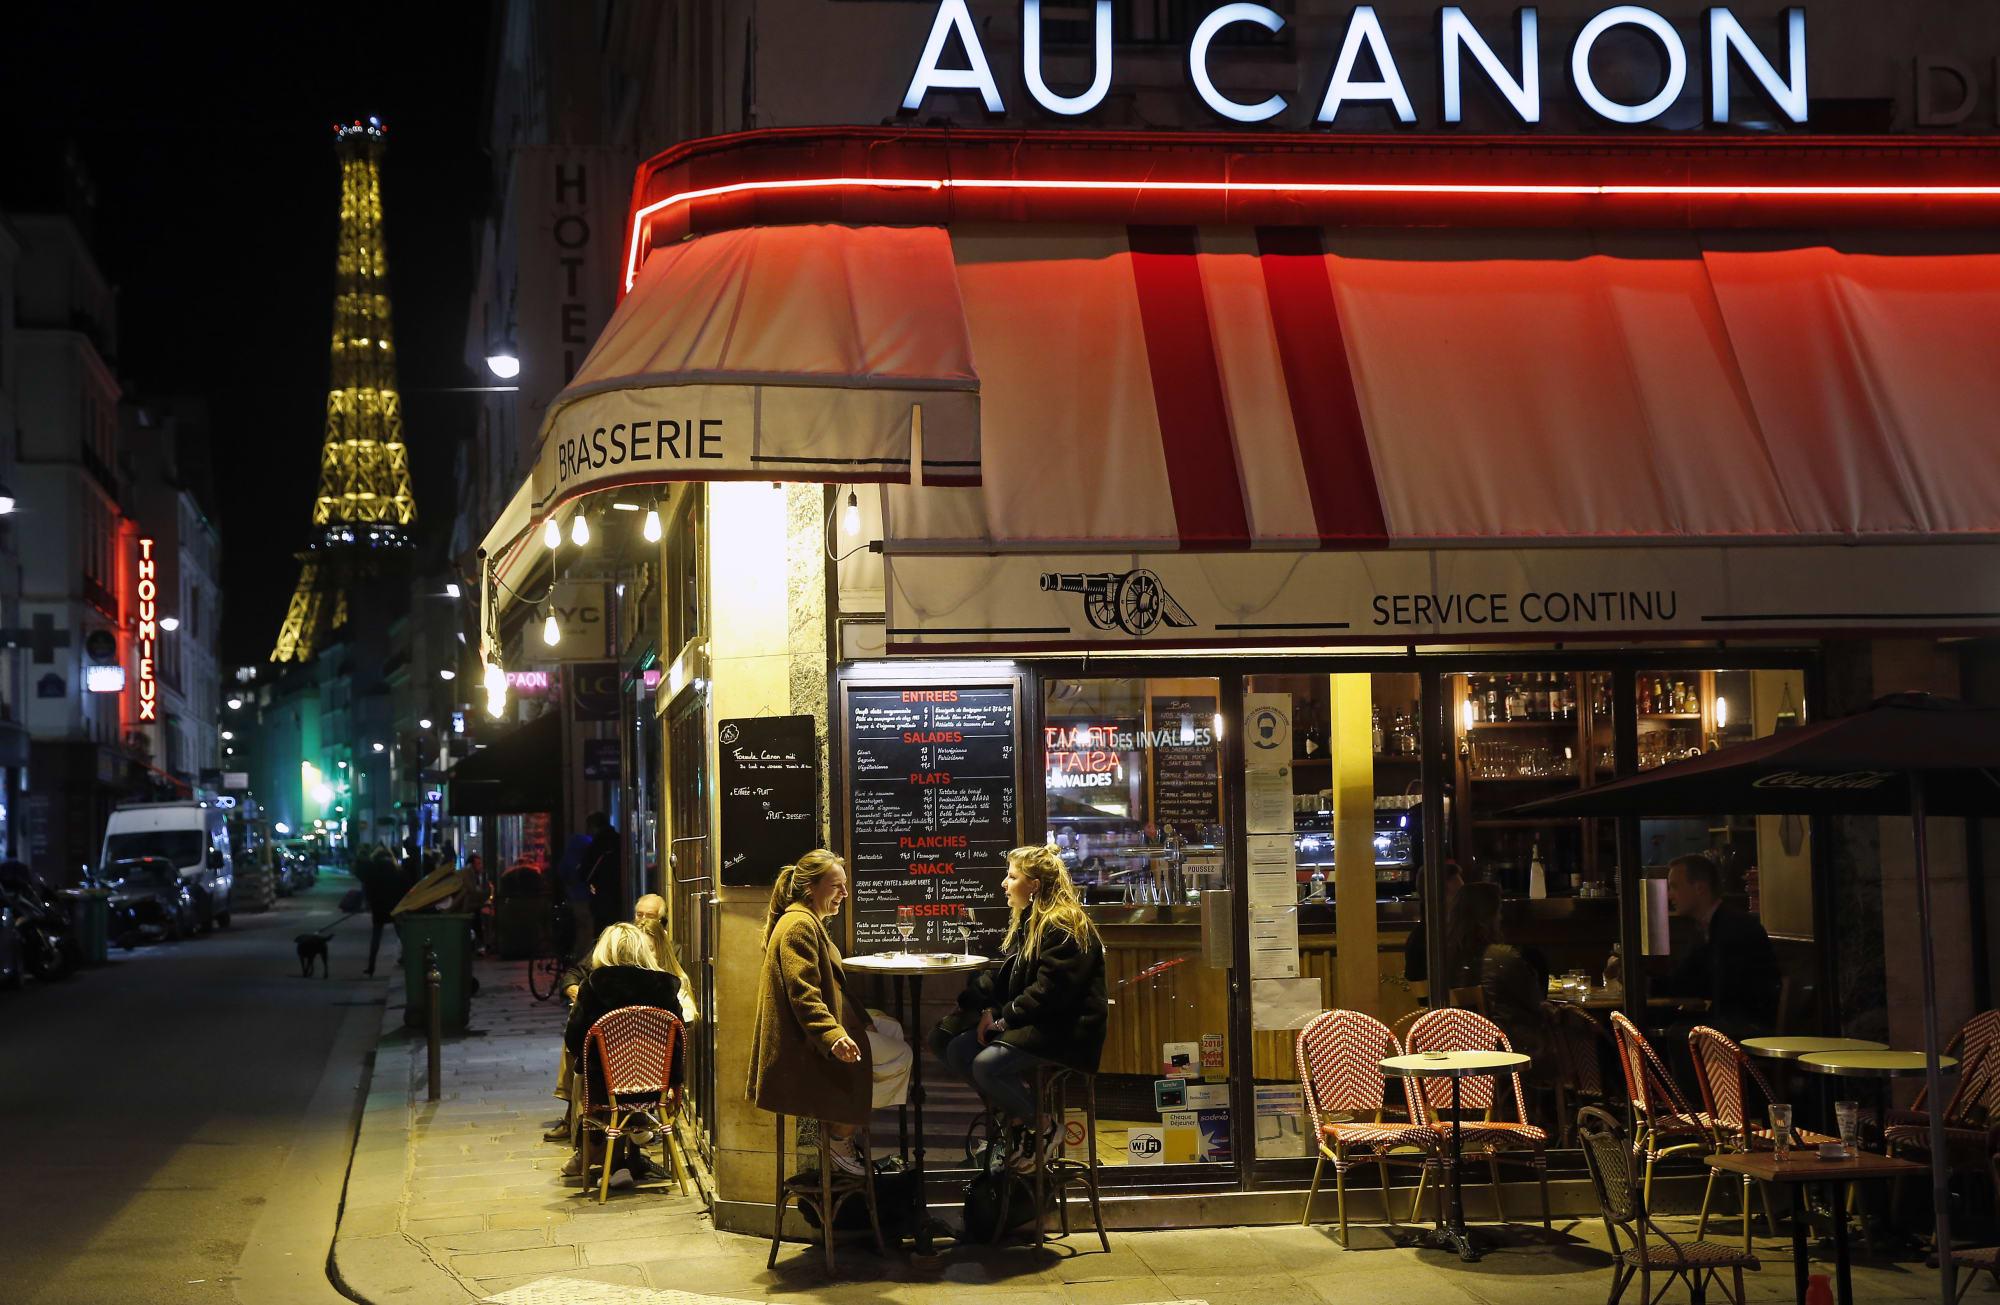 Paris Under Night Curfew